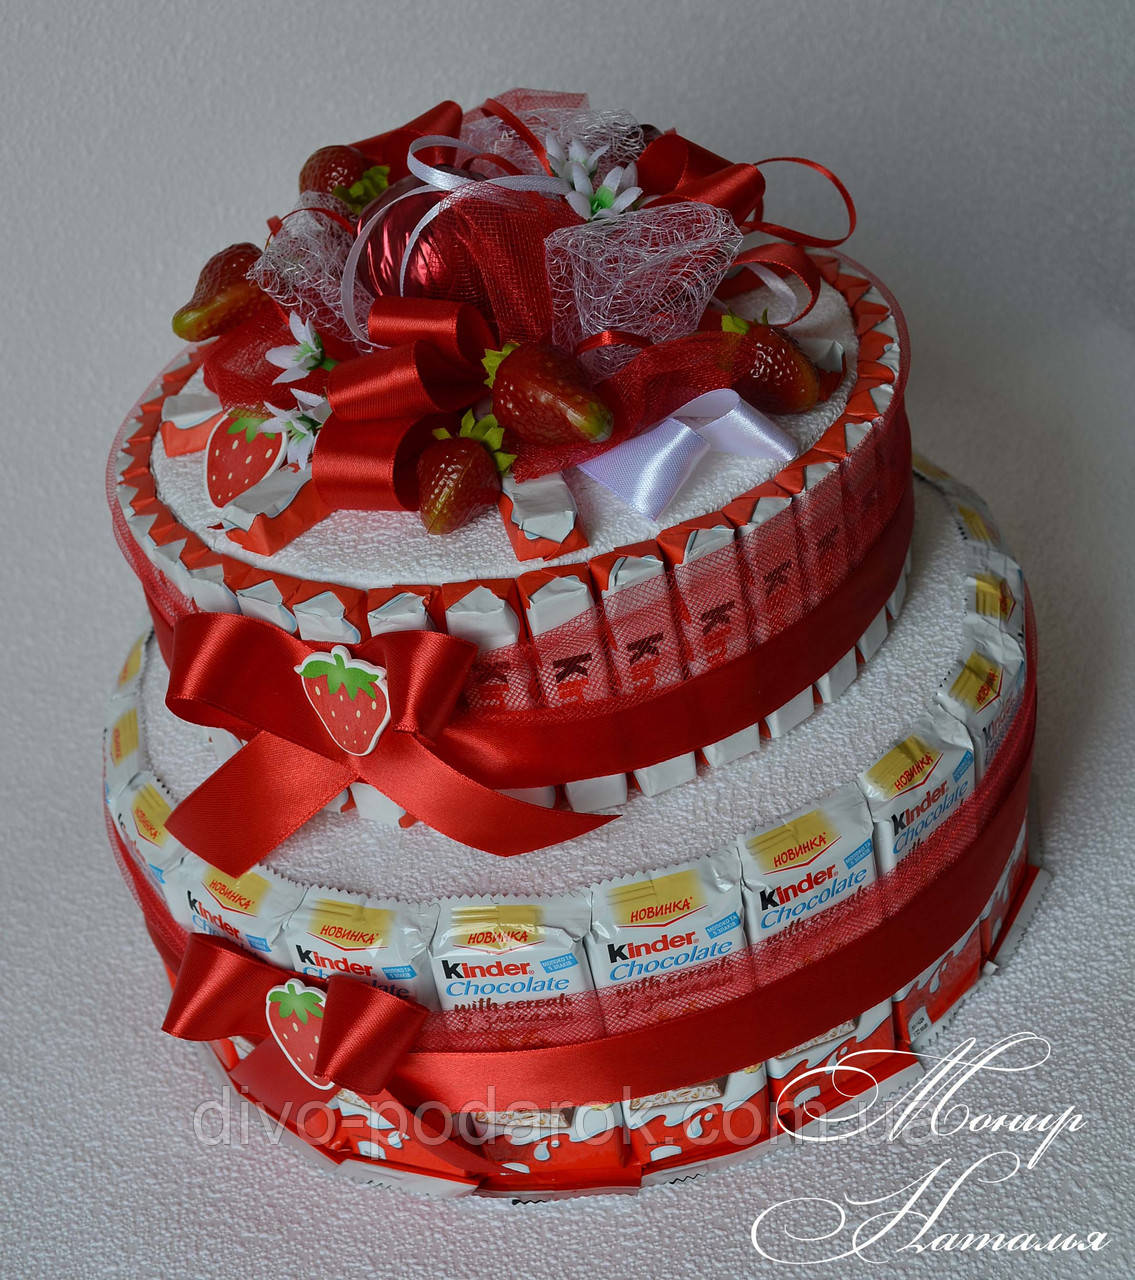 Как сделать торт из конфет своими руками для начинающих фото пошагово